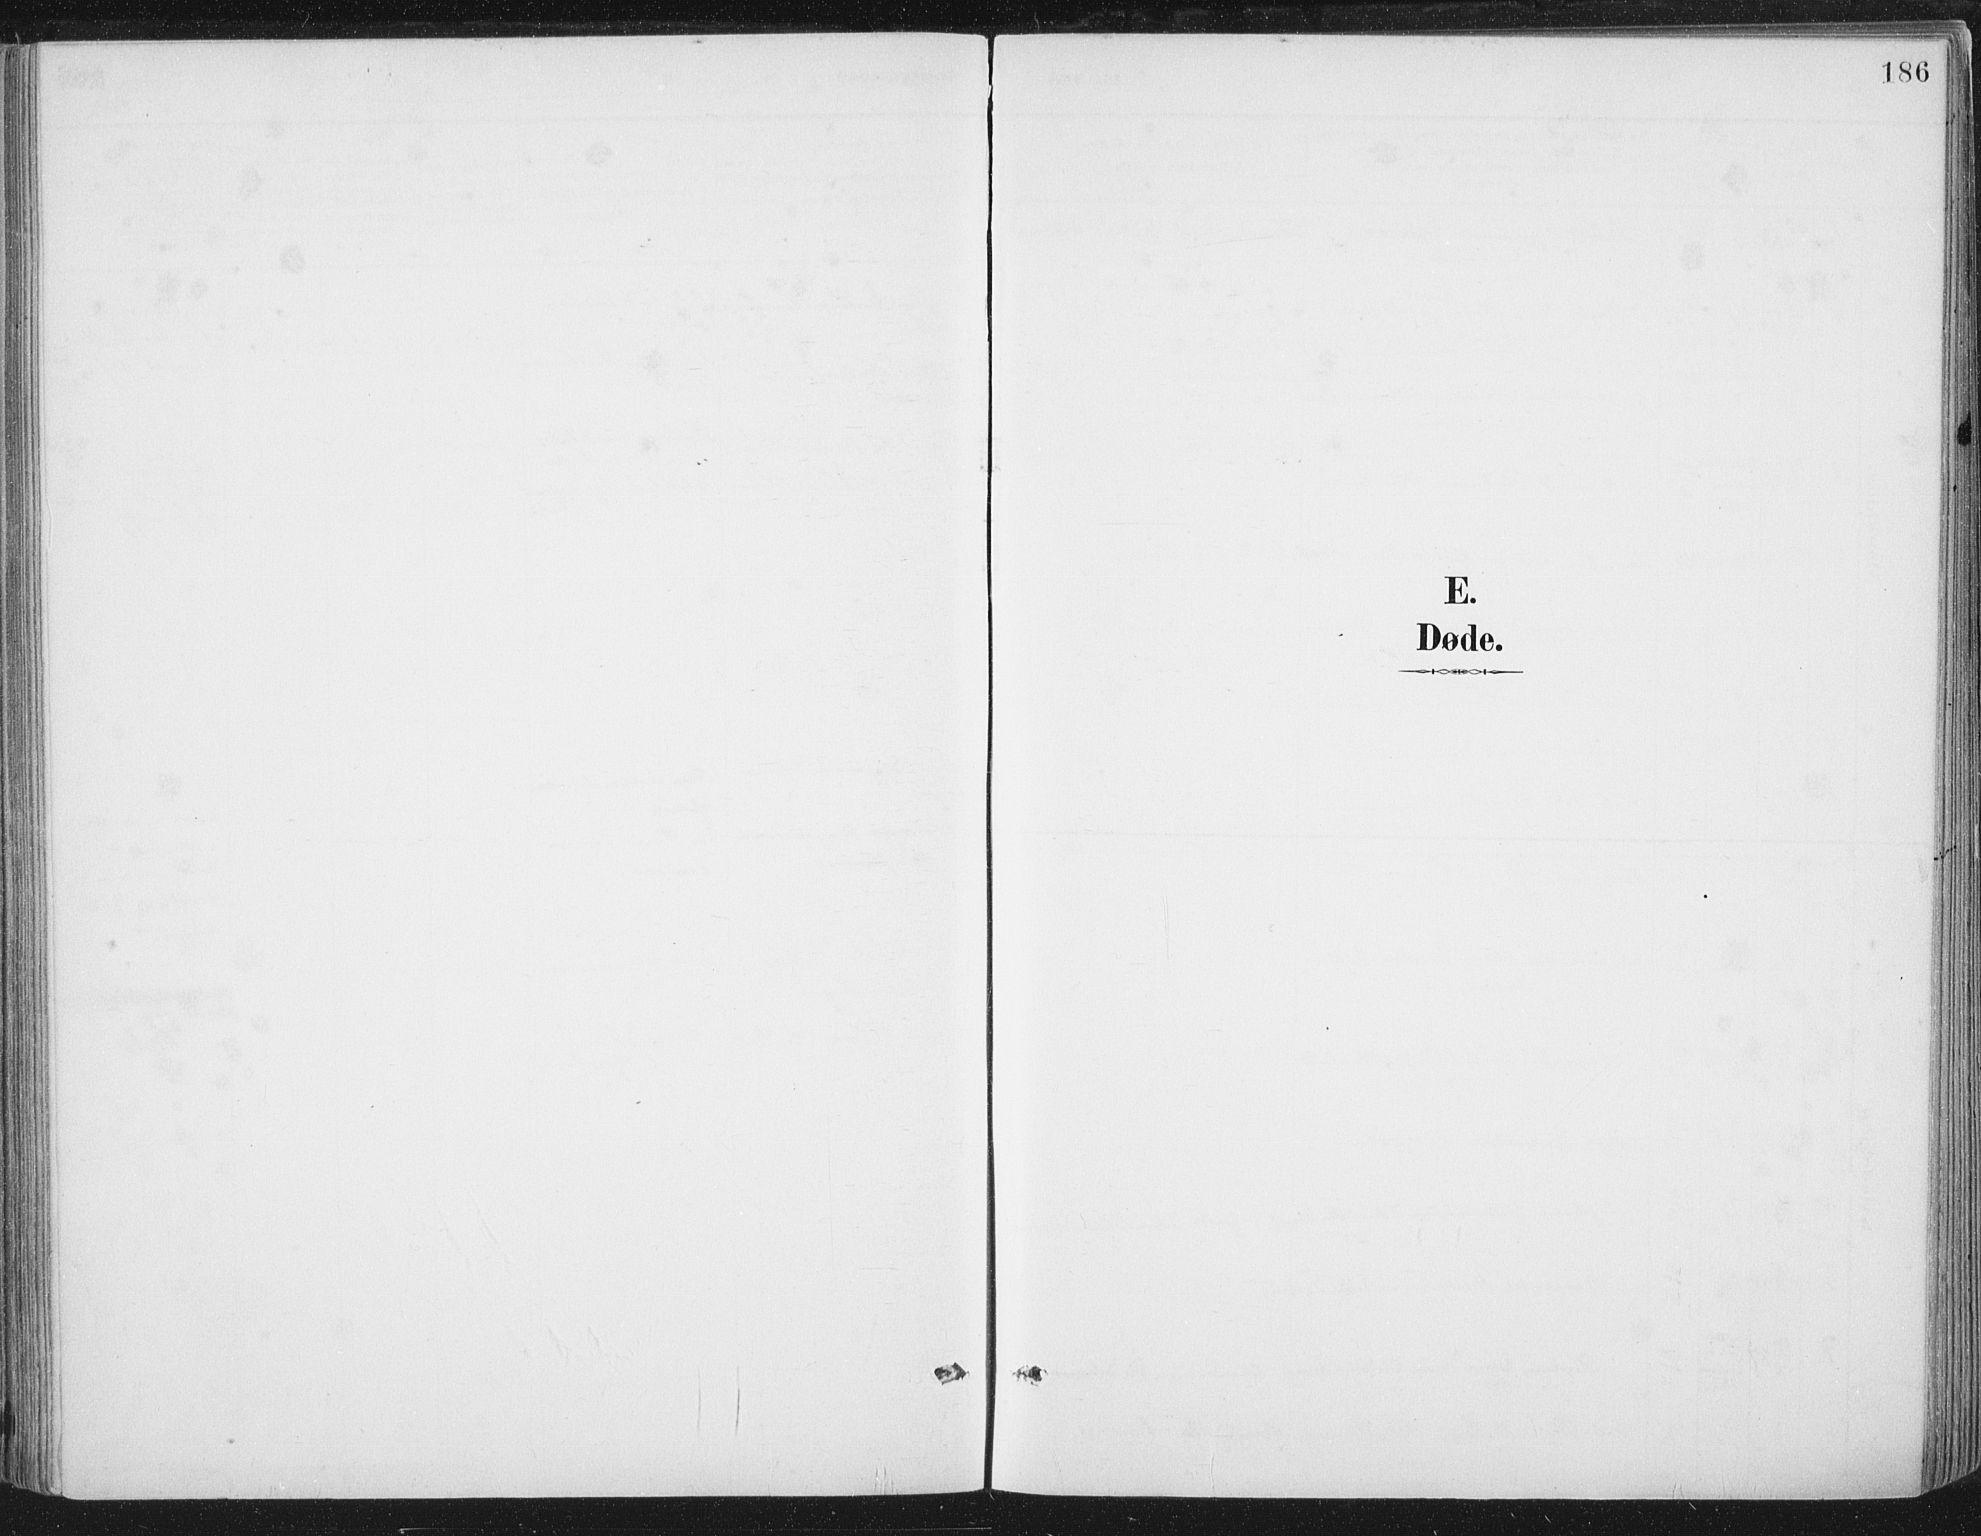 SAT, Ministerialprotokoller, klokkerbøker og fødselsregistre - Nord-Trøndelag, 784/L0673: Ministerialbok nr. 784A08, 1888-1899, s. 186